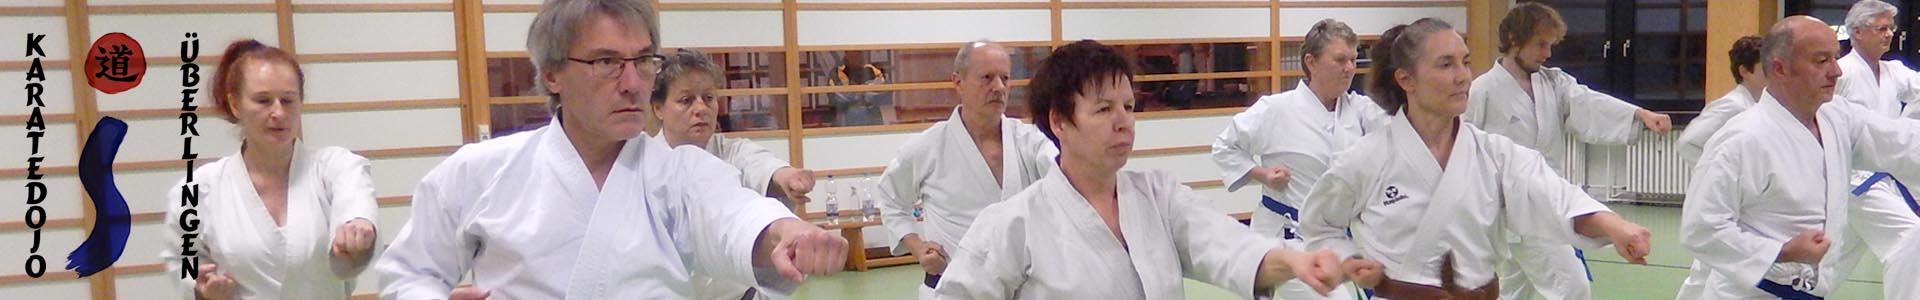 Karate-Dojo Überlingen